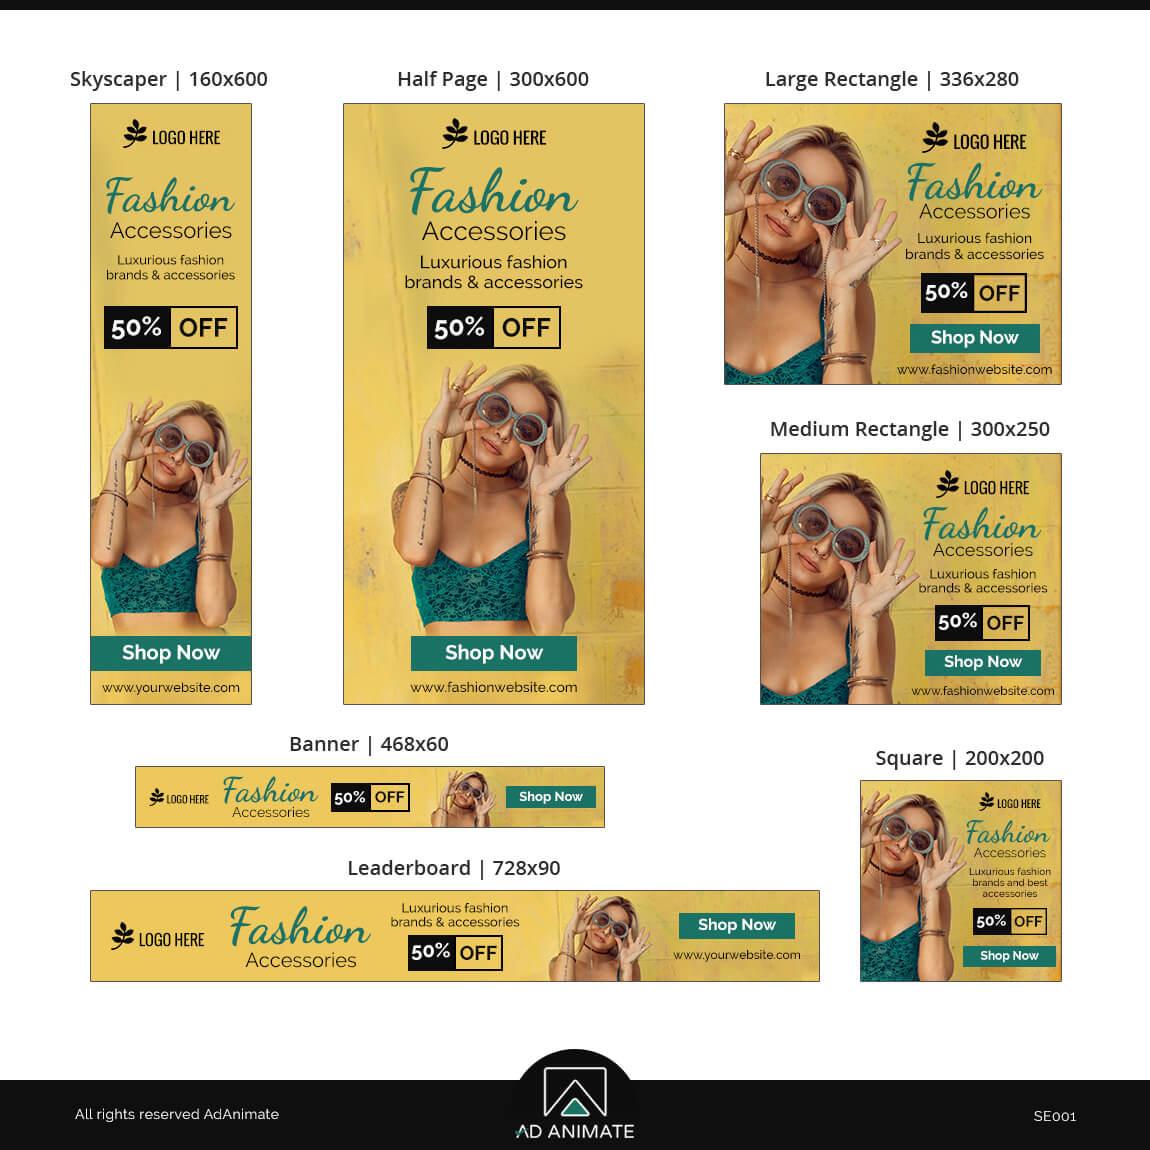 Fashion Accessories Sale Banner Ad